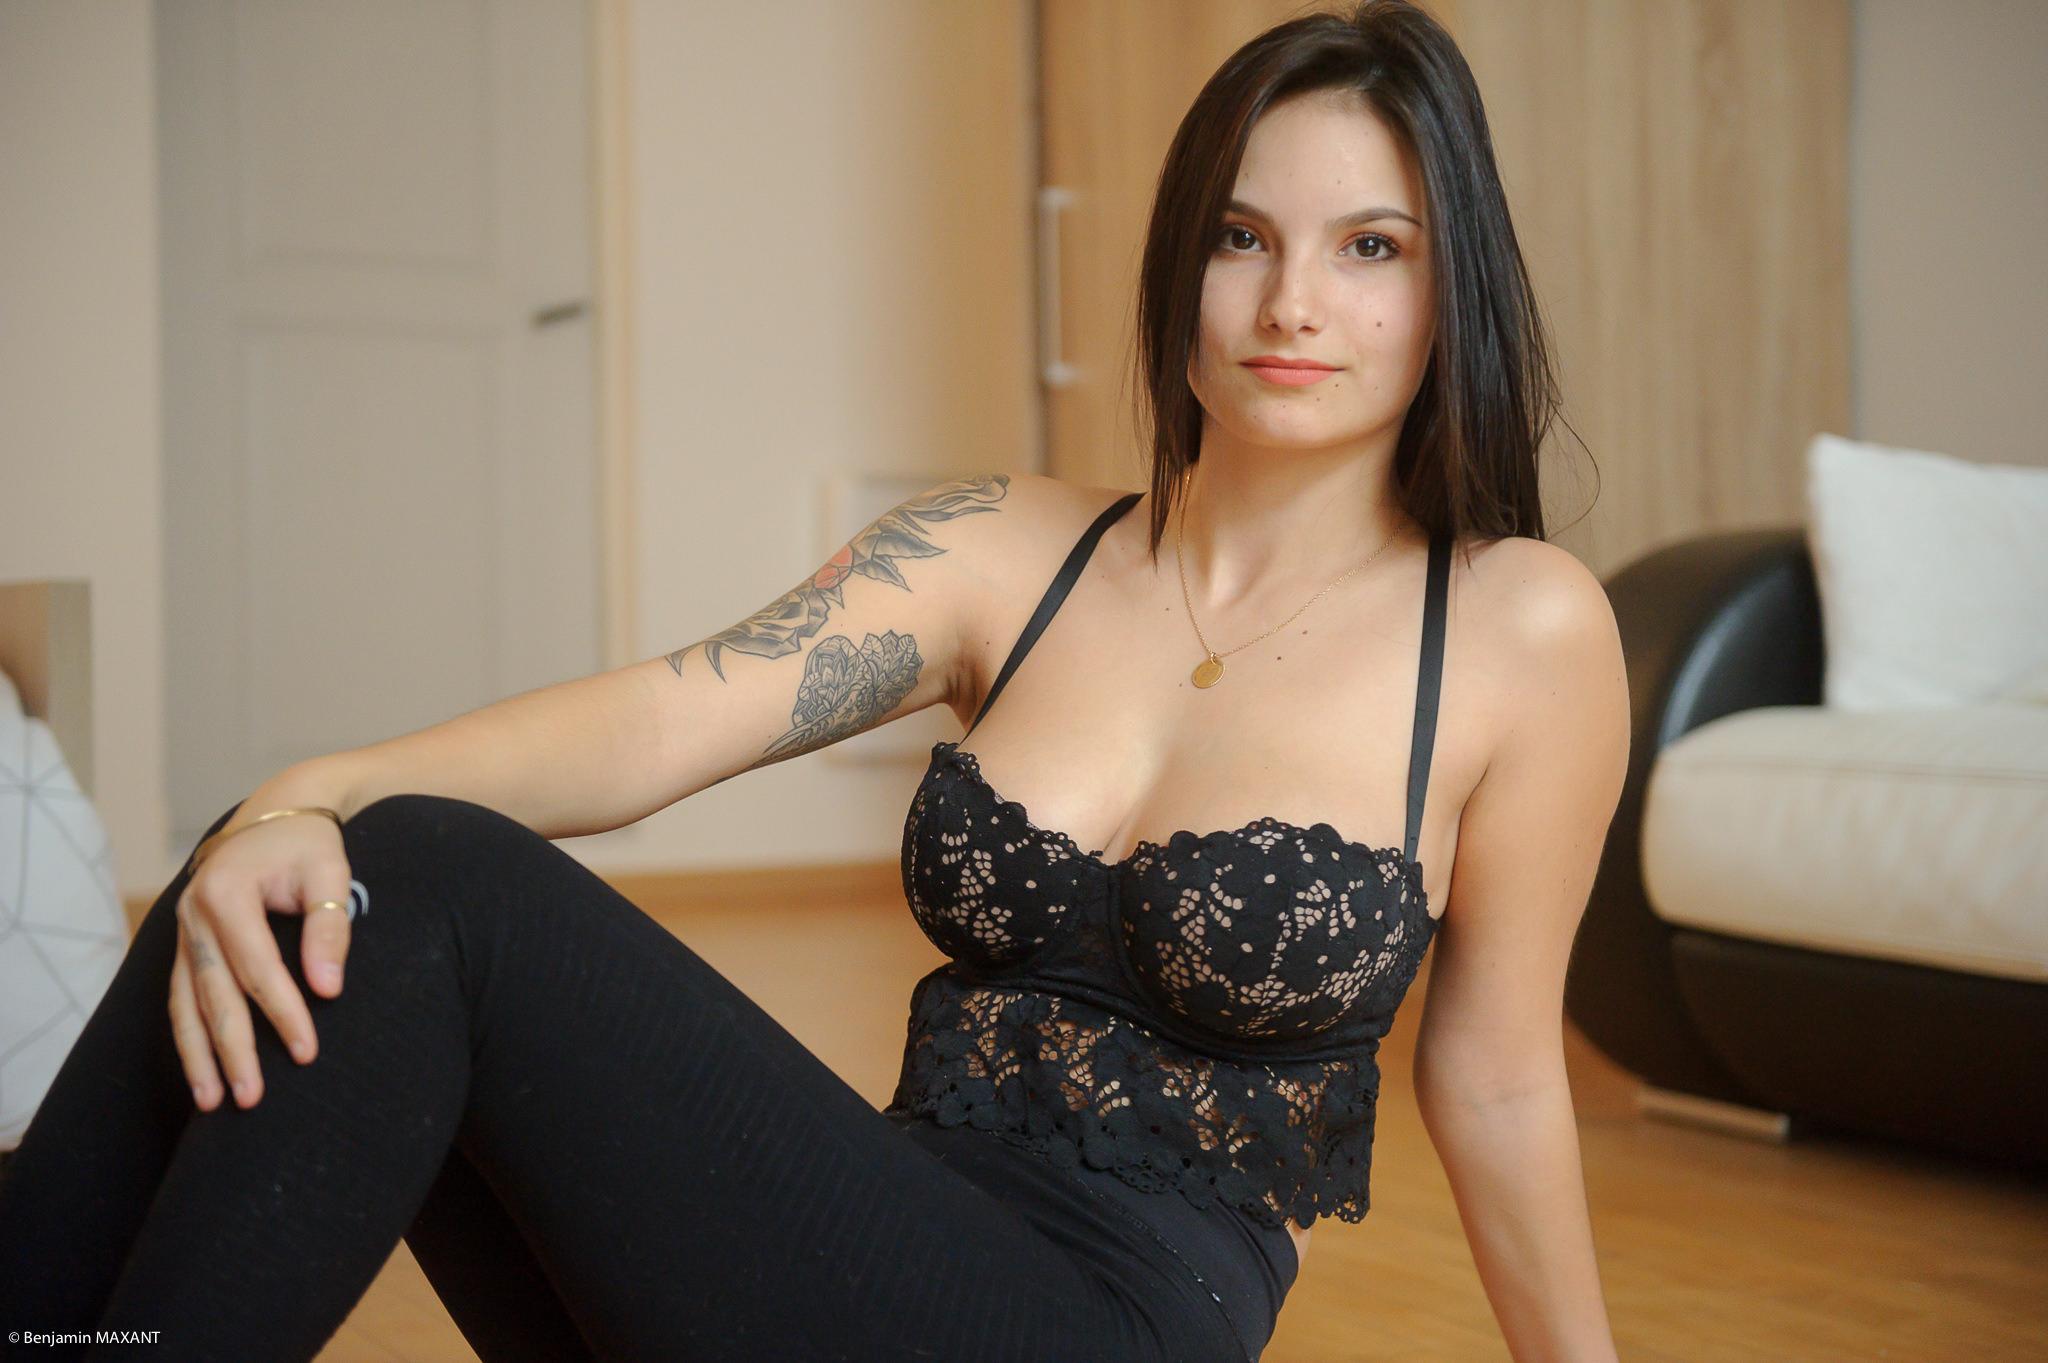 Séance photo boudoir au lingerie noire assise sur le parquet